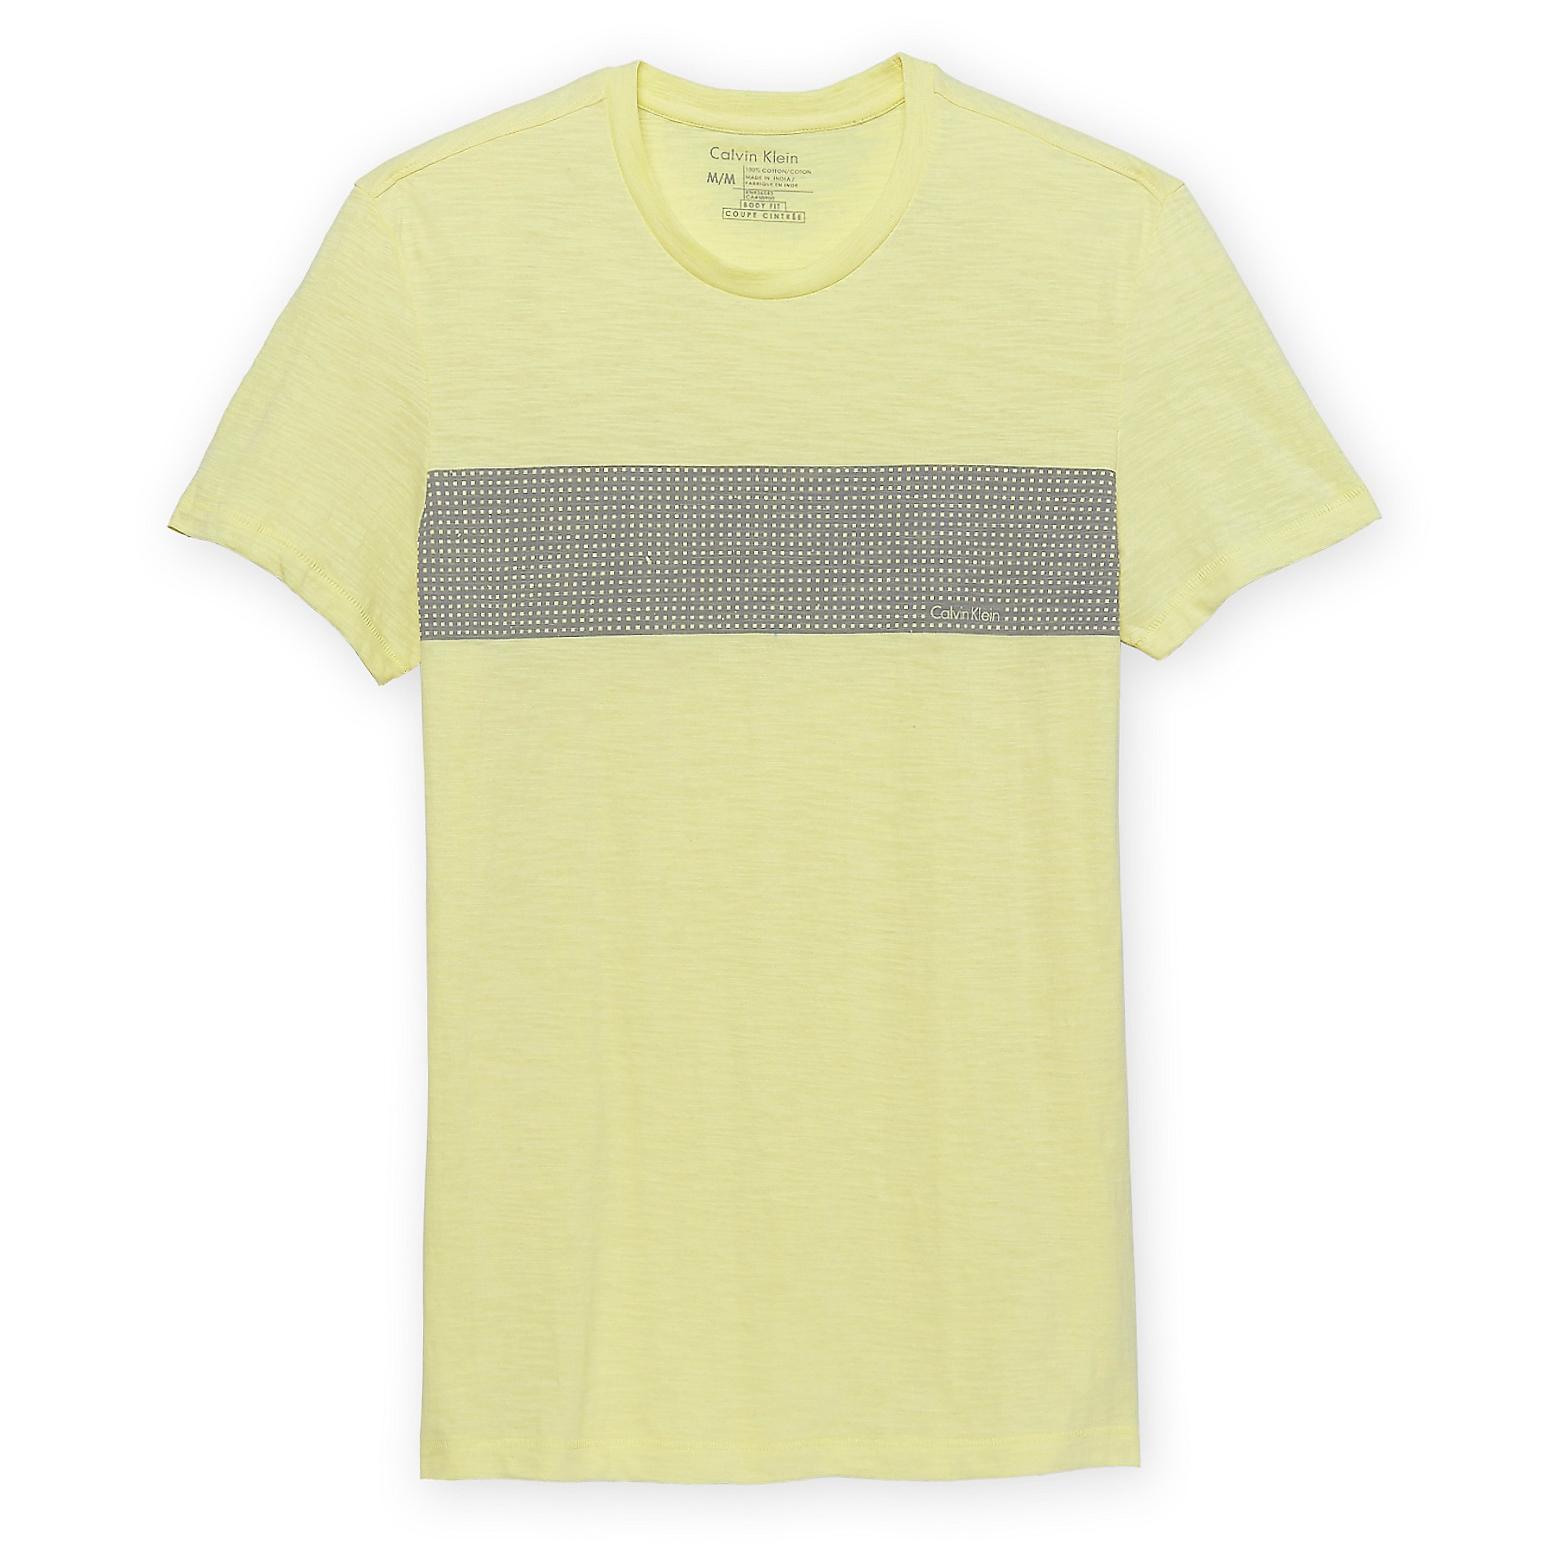 美國百分百【Calvin Klein】上衣 CK 短袖 T恤 T-shirt 短T LOGO 黃色 男 格子 XS號 F030